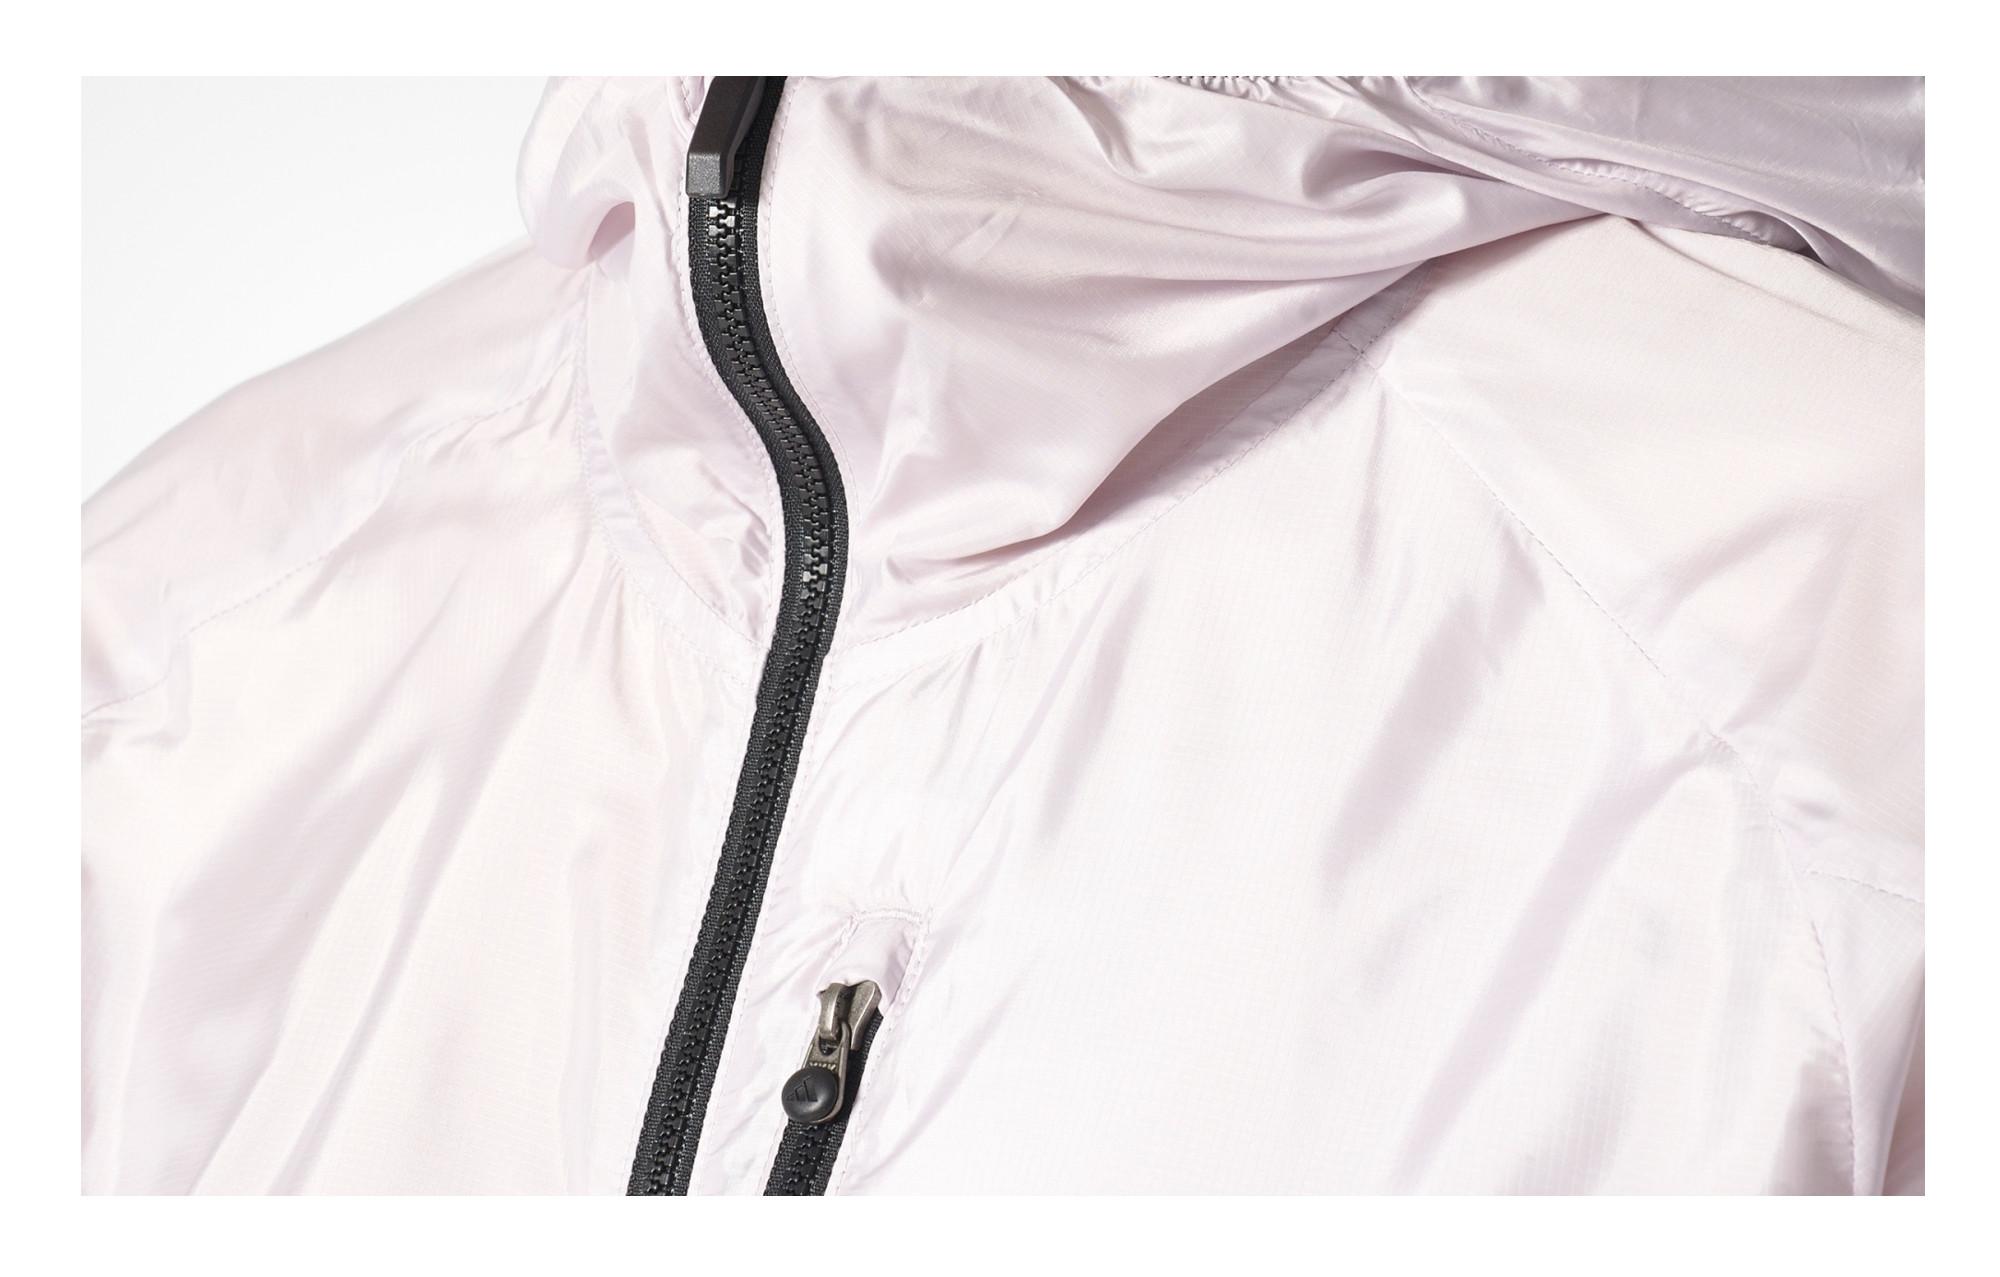 Veste coupe vent imperm able femme adidas running terrex agravic blanc violet - Veste coupe vent impermeable femme ...